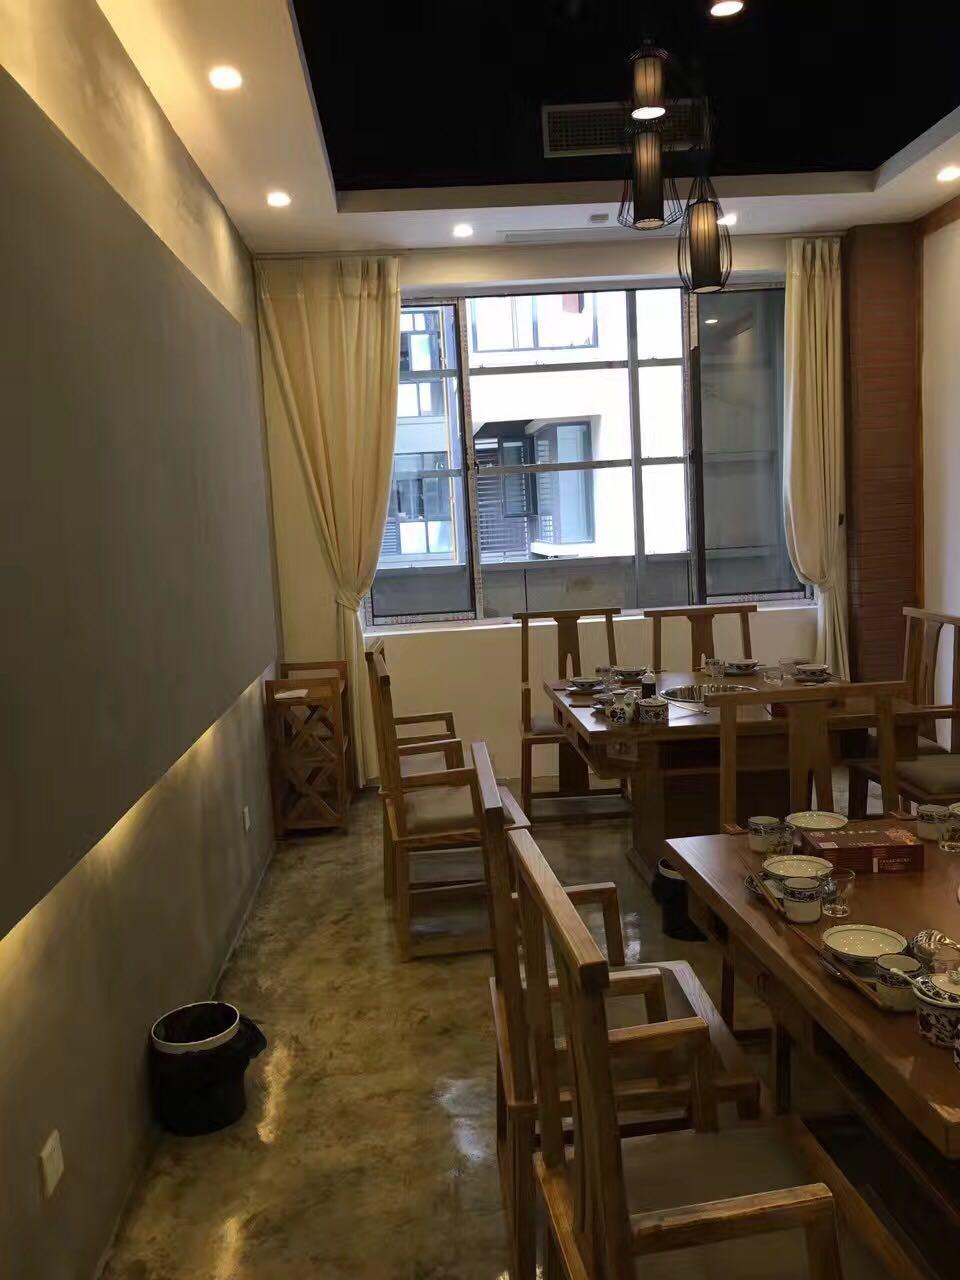 简约 混搭 三居 现代风格 火锅店设计 火锅店装修 餐厅图片来自尚品老木匠装饰设计事务所在舌尖上的美味-火锅店设计的分享